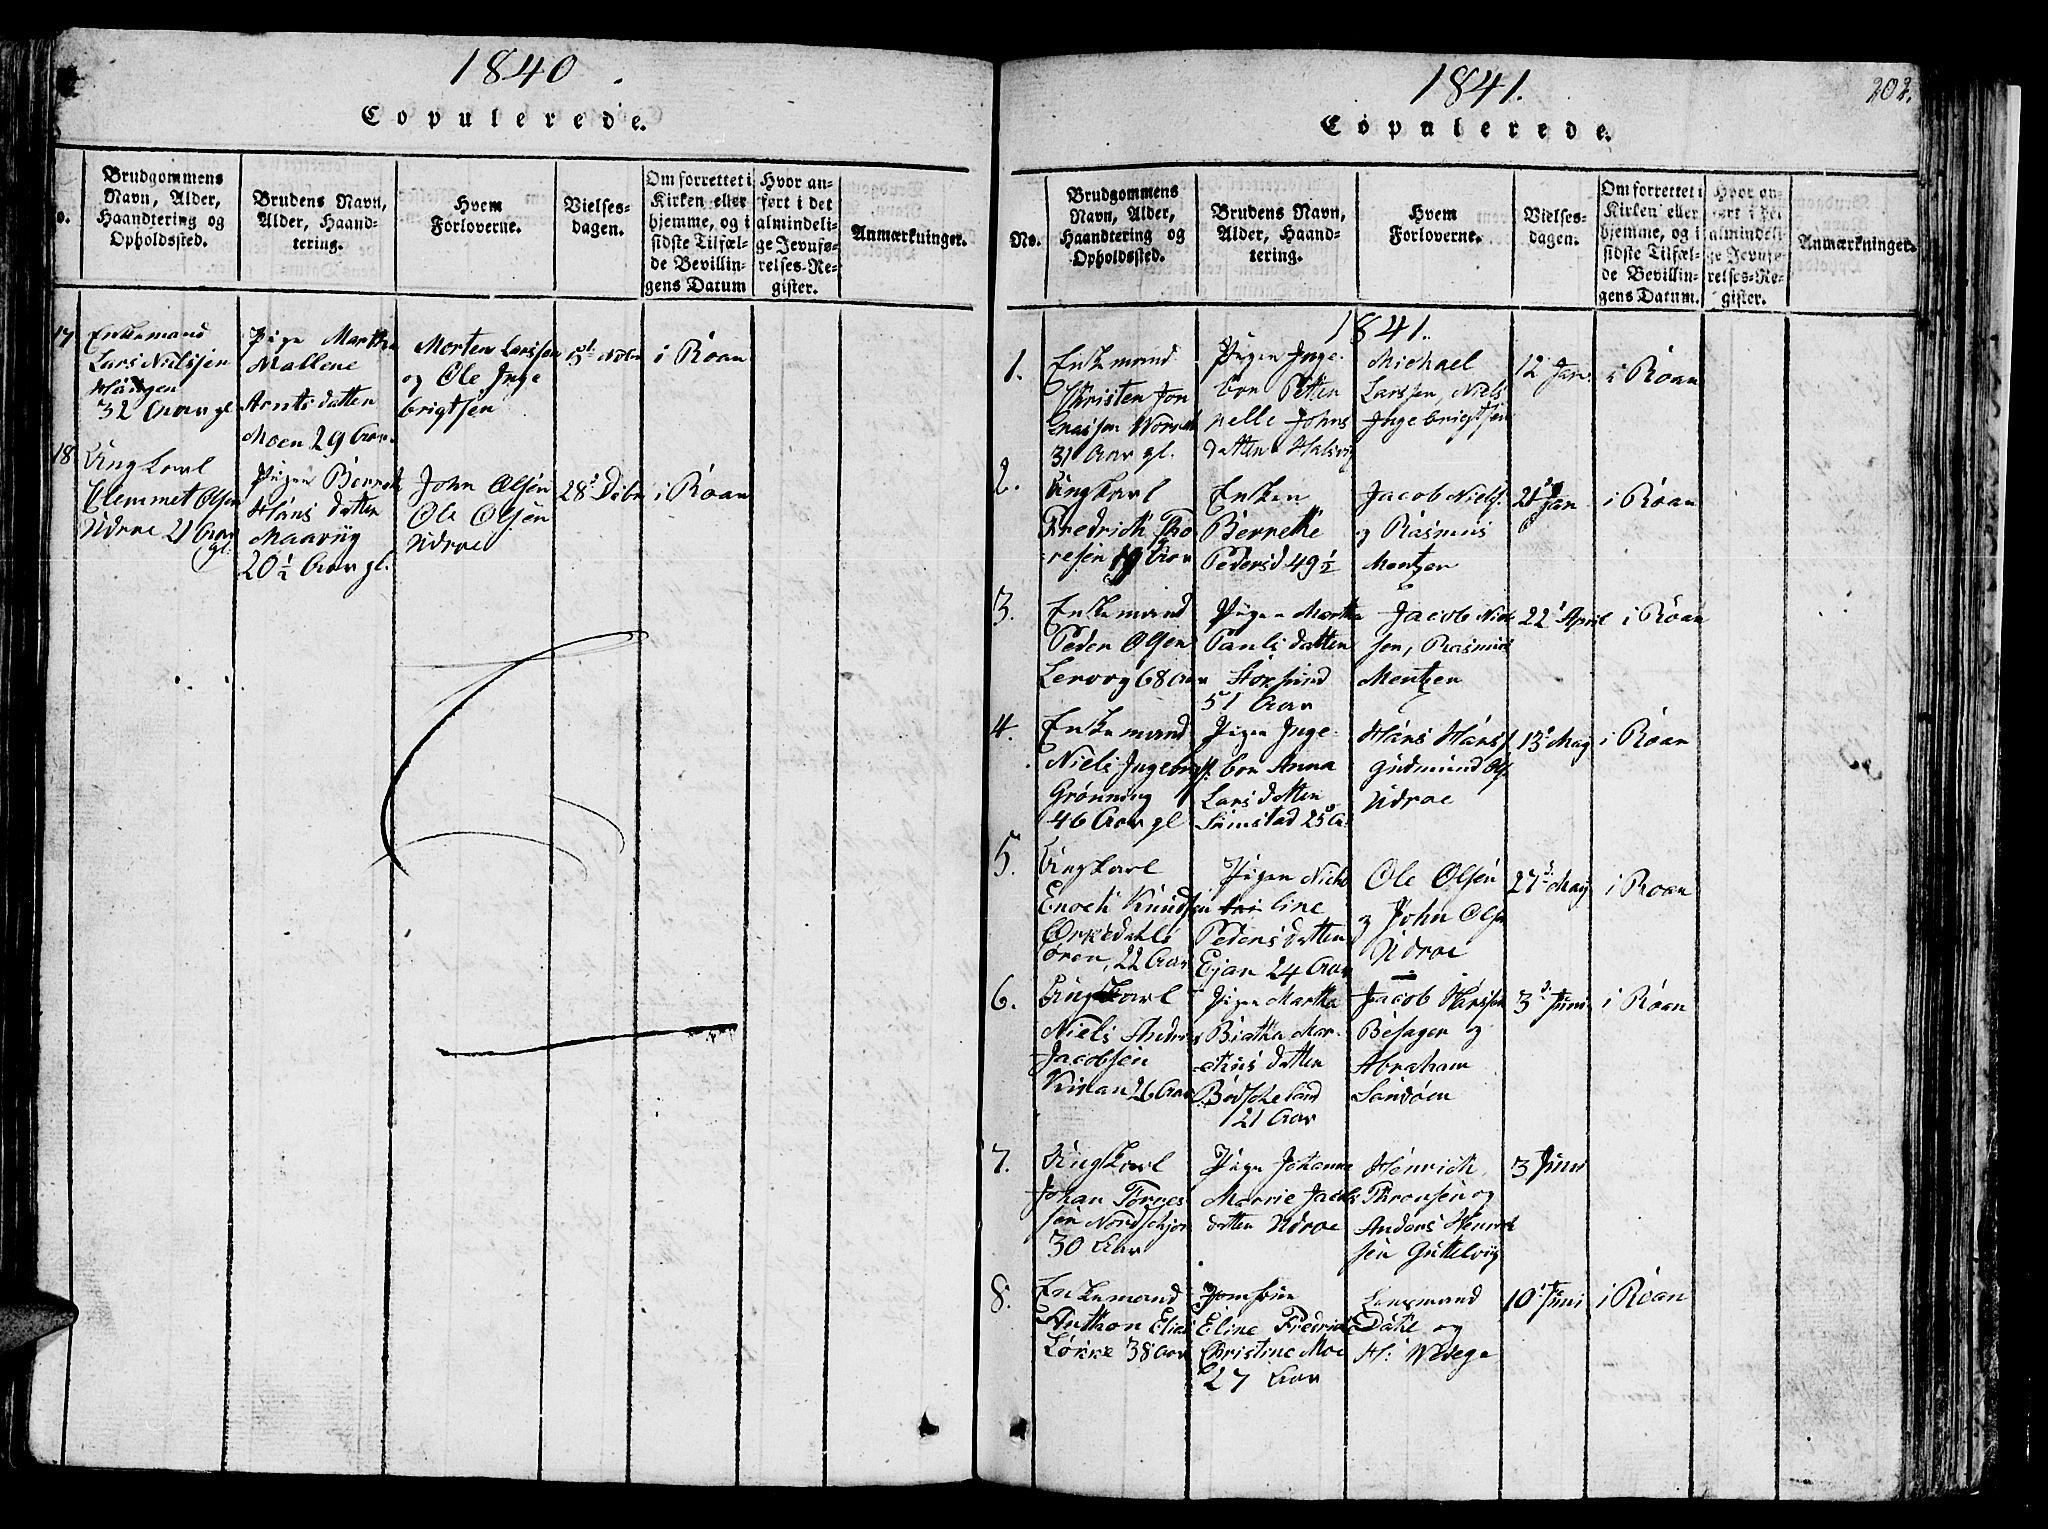 SAT, Ministerialprotokoller, klokkerbøker og fødselsregistre - Sør-Trøndelag, 657/L0714: Klokkerbok nr. 657C01, 1818-1868, s. 202